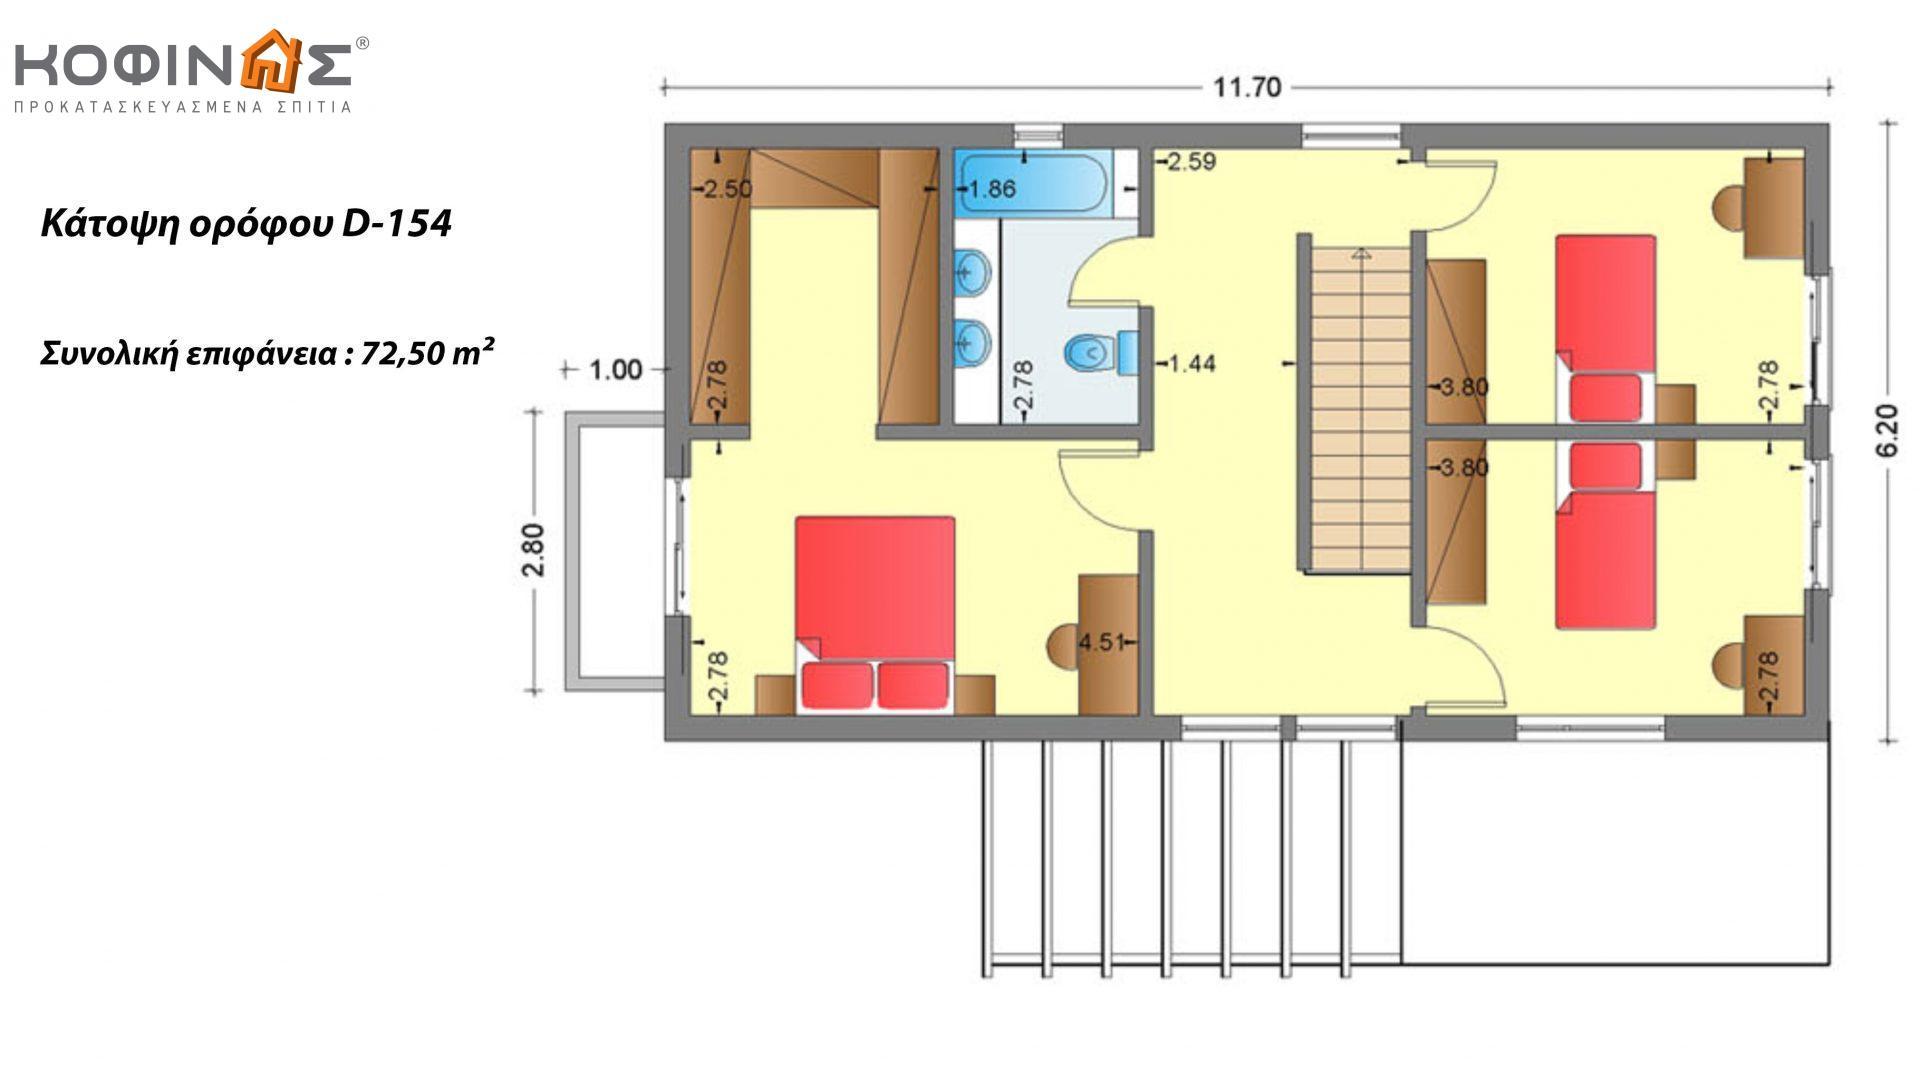 Διώροφη Κατοικία D-154, συνολικής επιφάνειας 154,70 τ.μ.